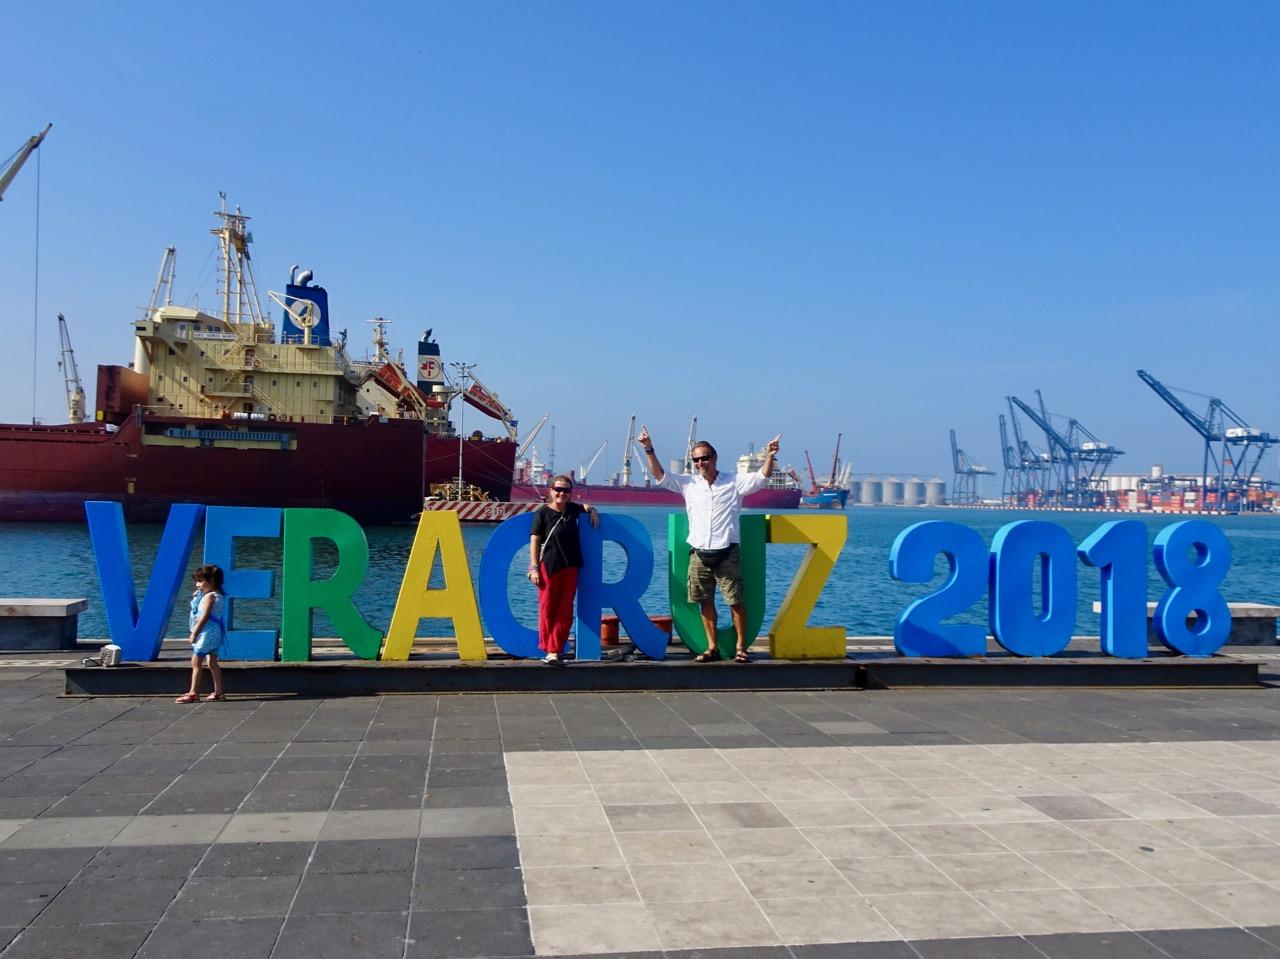 Hafenstadt Veracruz